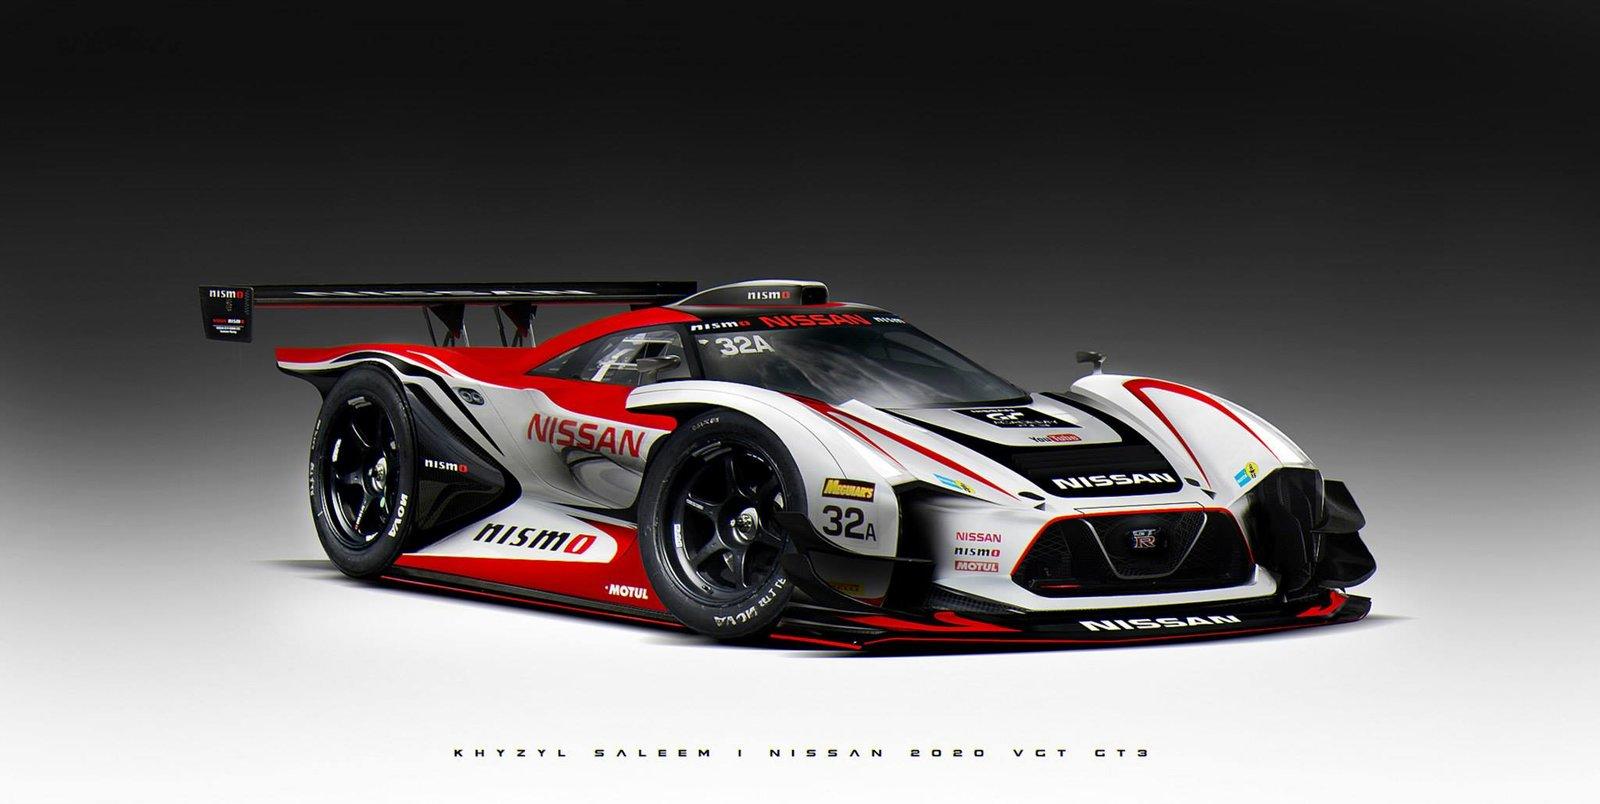 Nissan VGT GT3 Concept